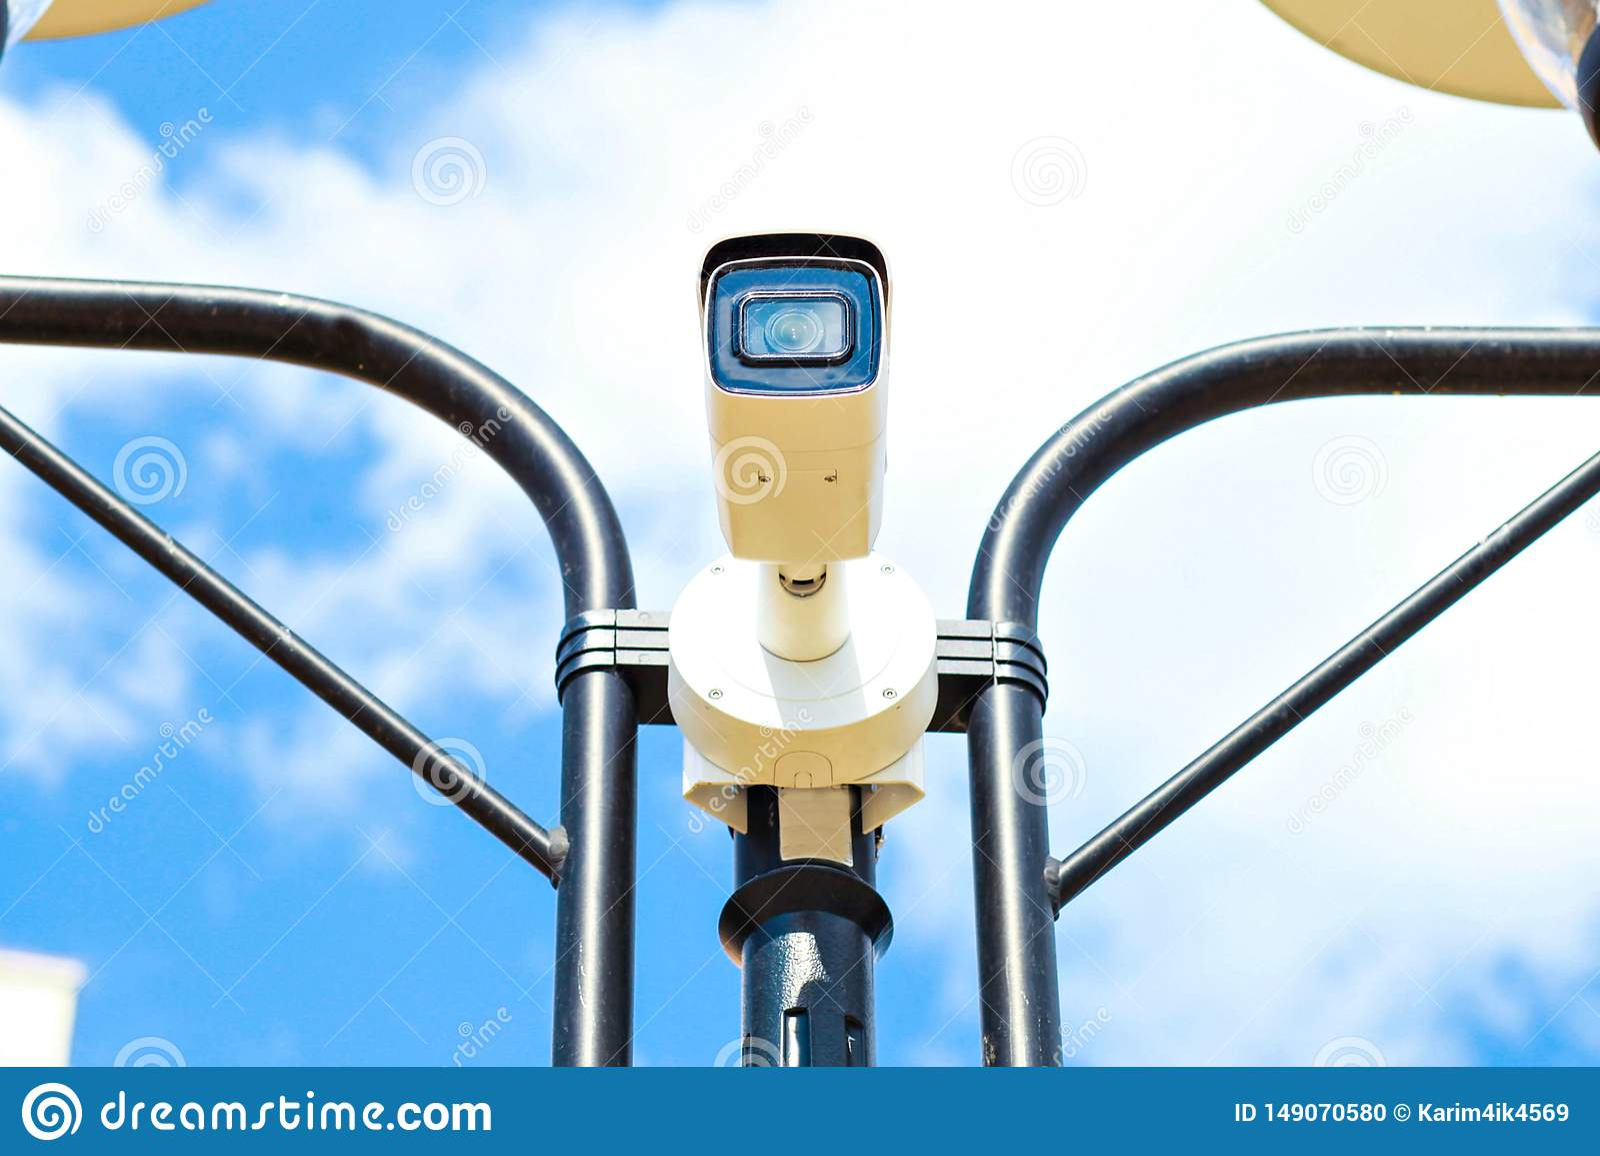 Камера скорости на avtobane Современная камера измерения скорости